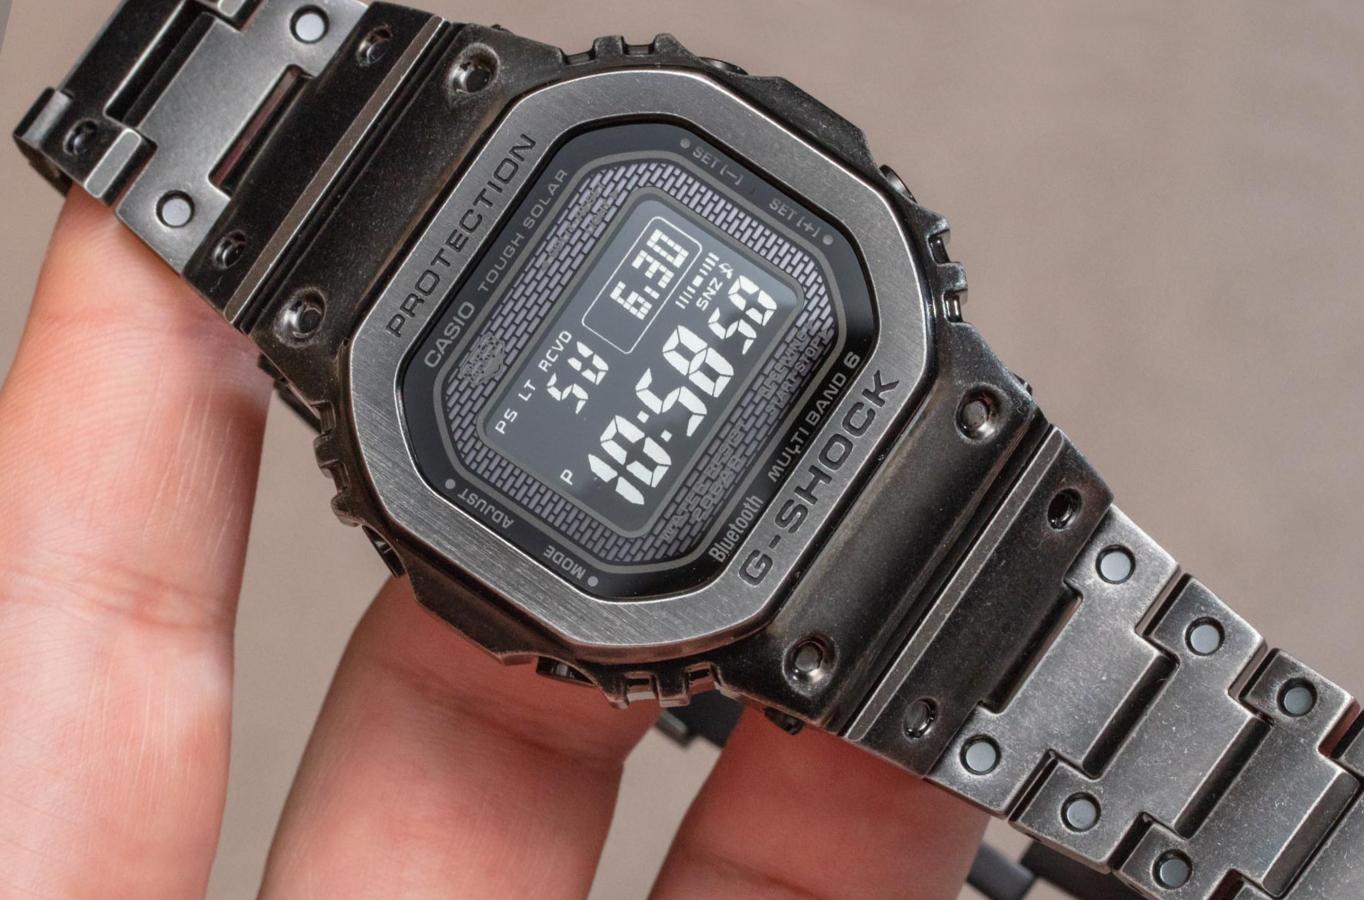 reloj digital Casio G-Shock de edicion limitada 2019